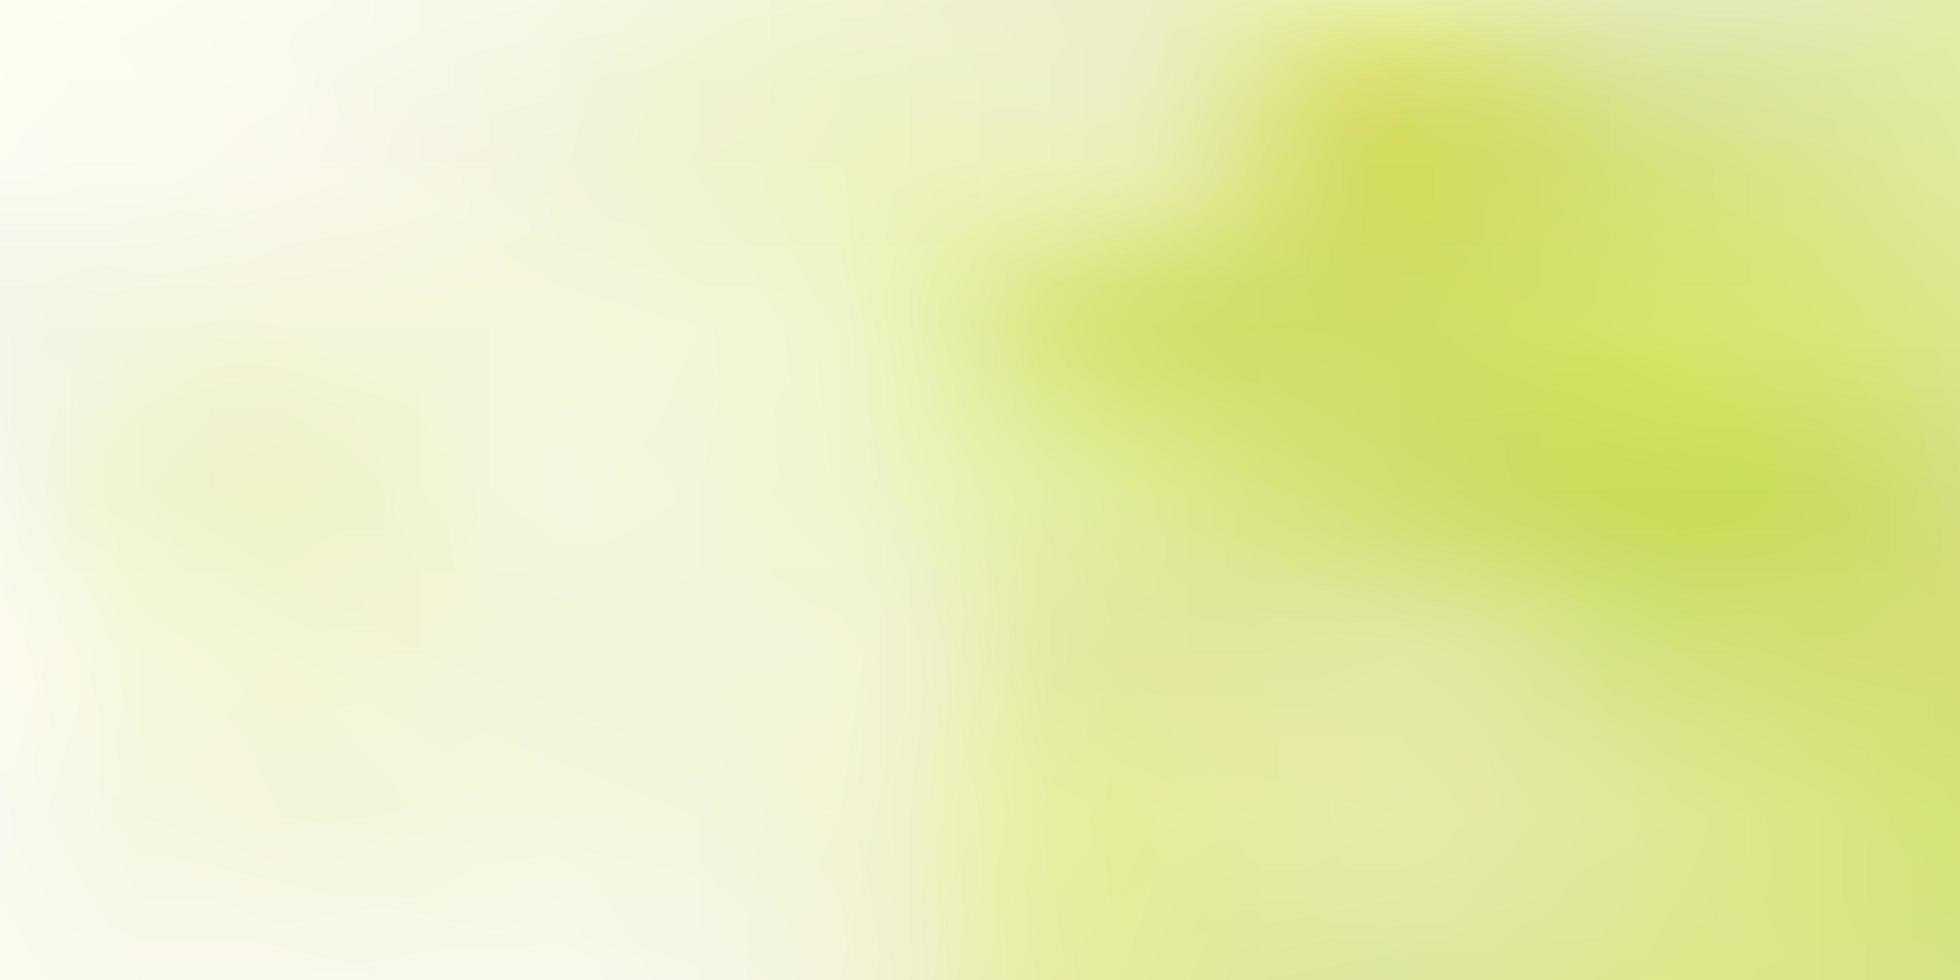 ljusgrön vektor gradient oskärpa bakgrund.